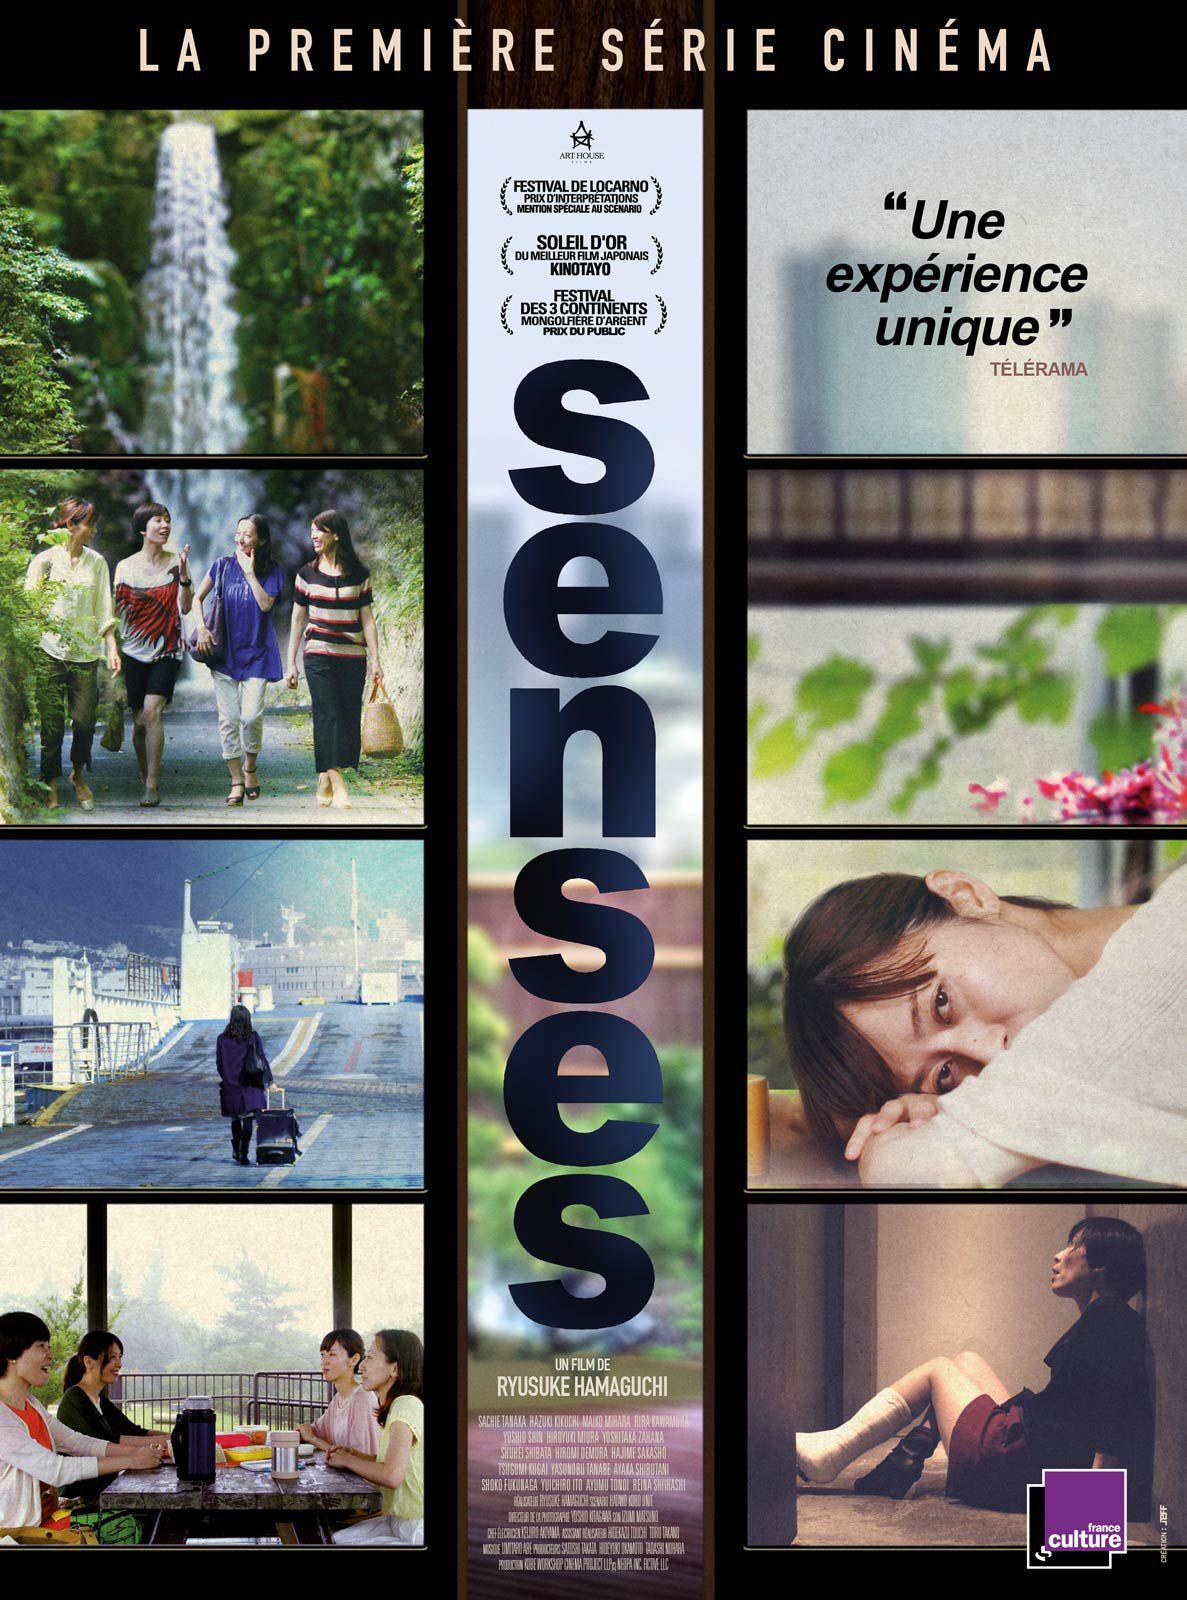 Senses 3&4 - Film (2015)